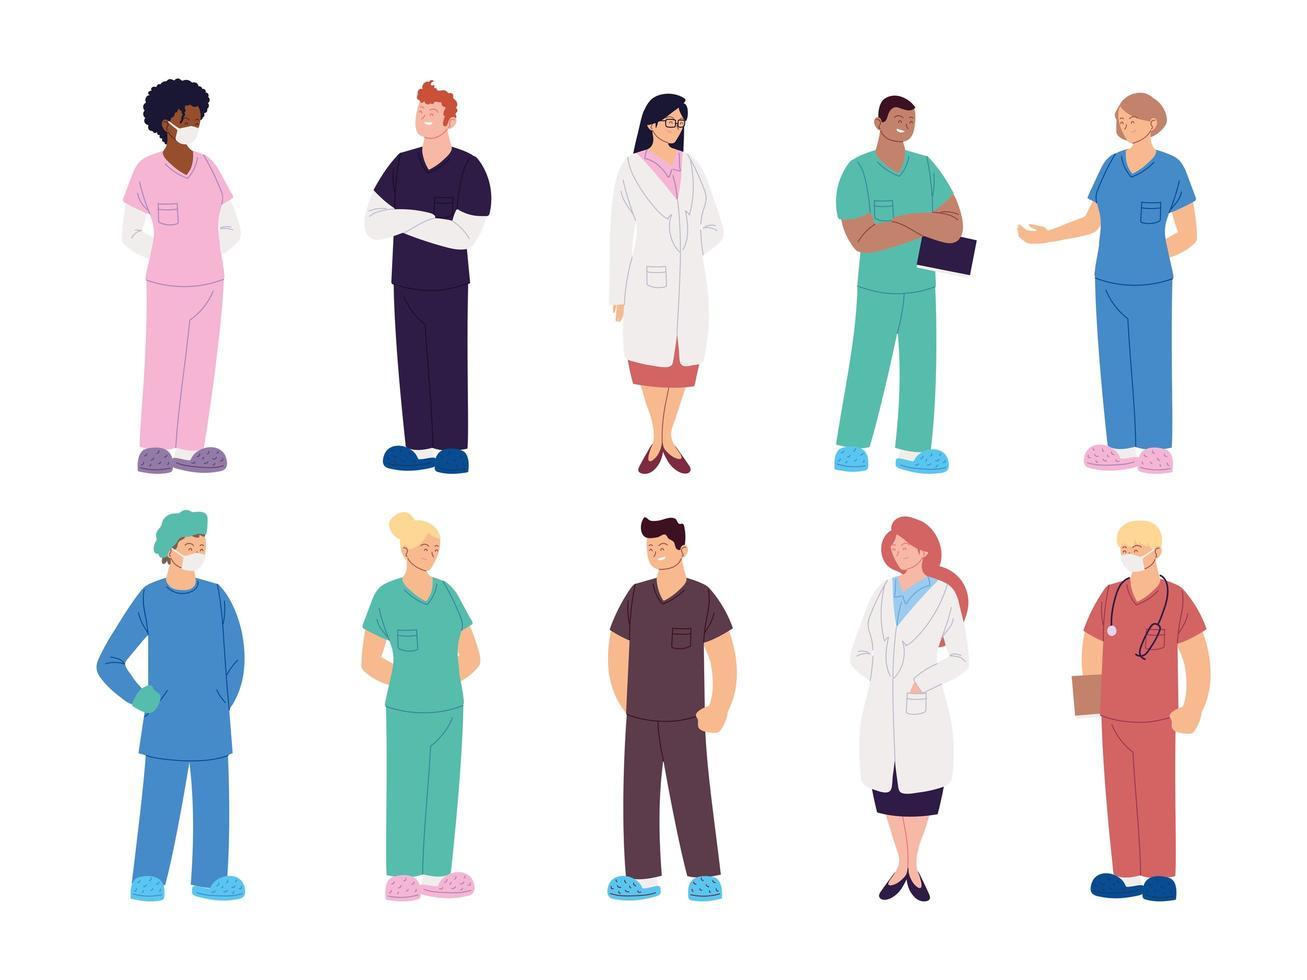 uppsättning vårdpersonal läkare och sjuksköterskor vektor